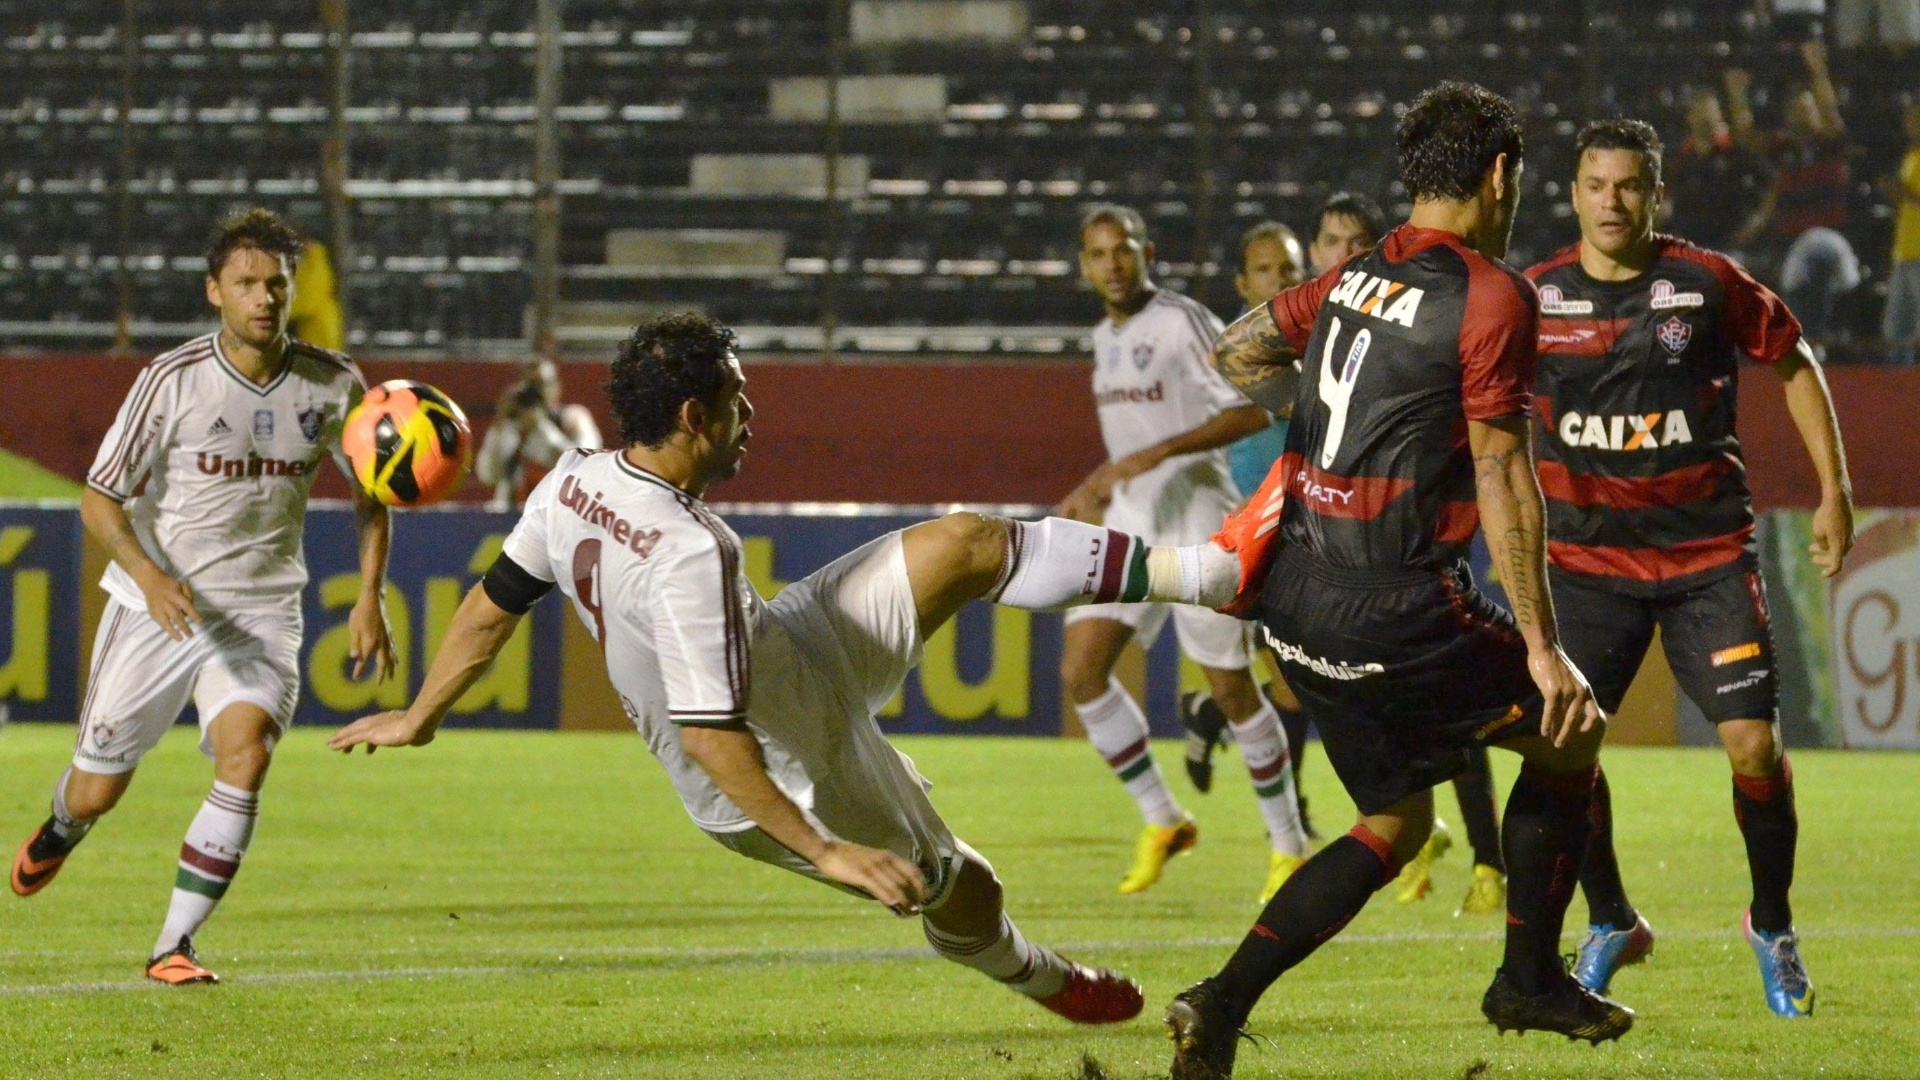 07.08.13 - Fred tenta voleio na partida entre Fluminense e Vitória pelo Brasileirão